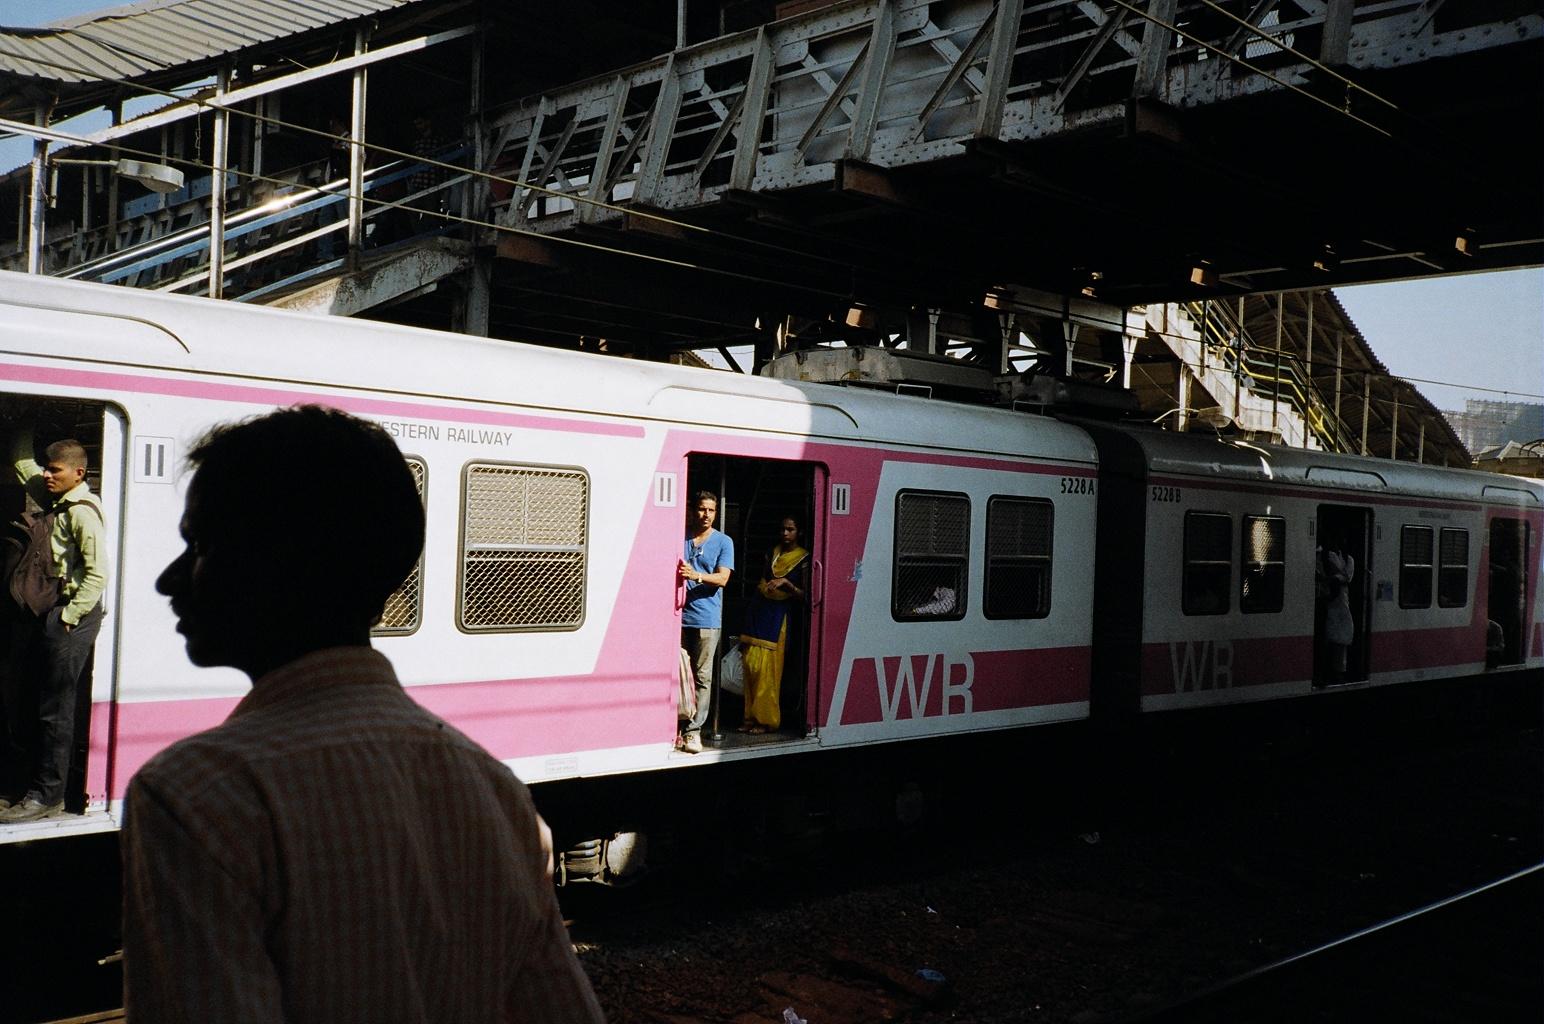 A train in India